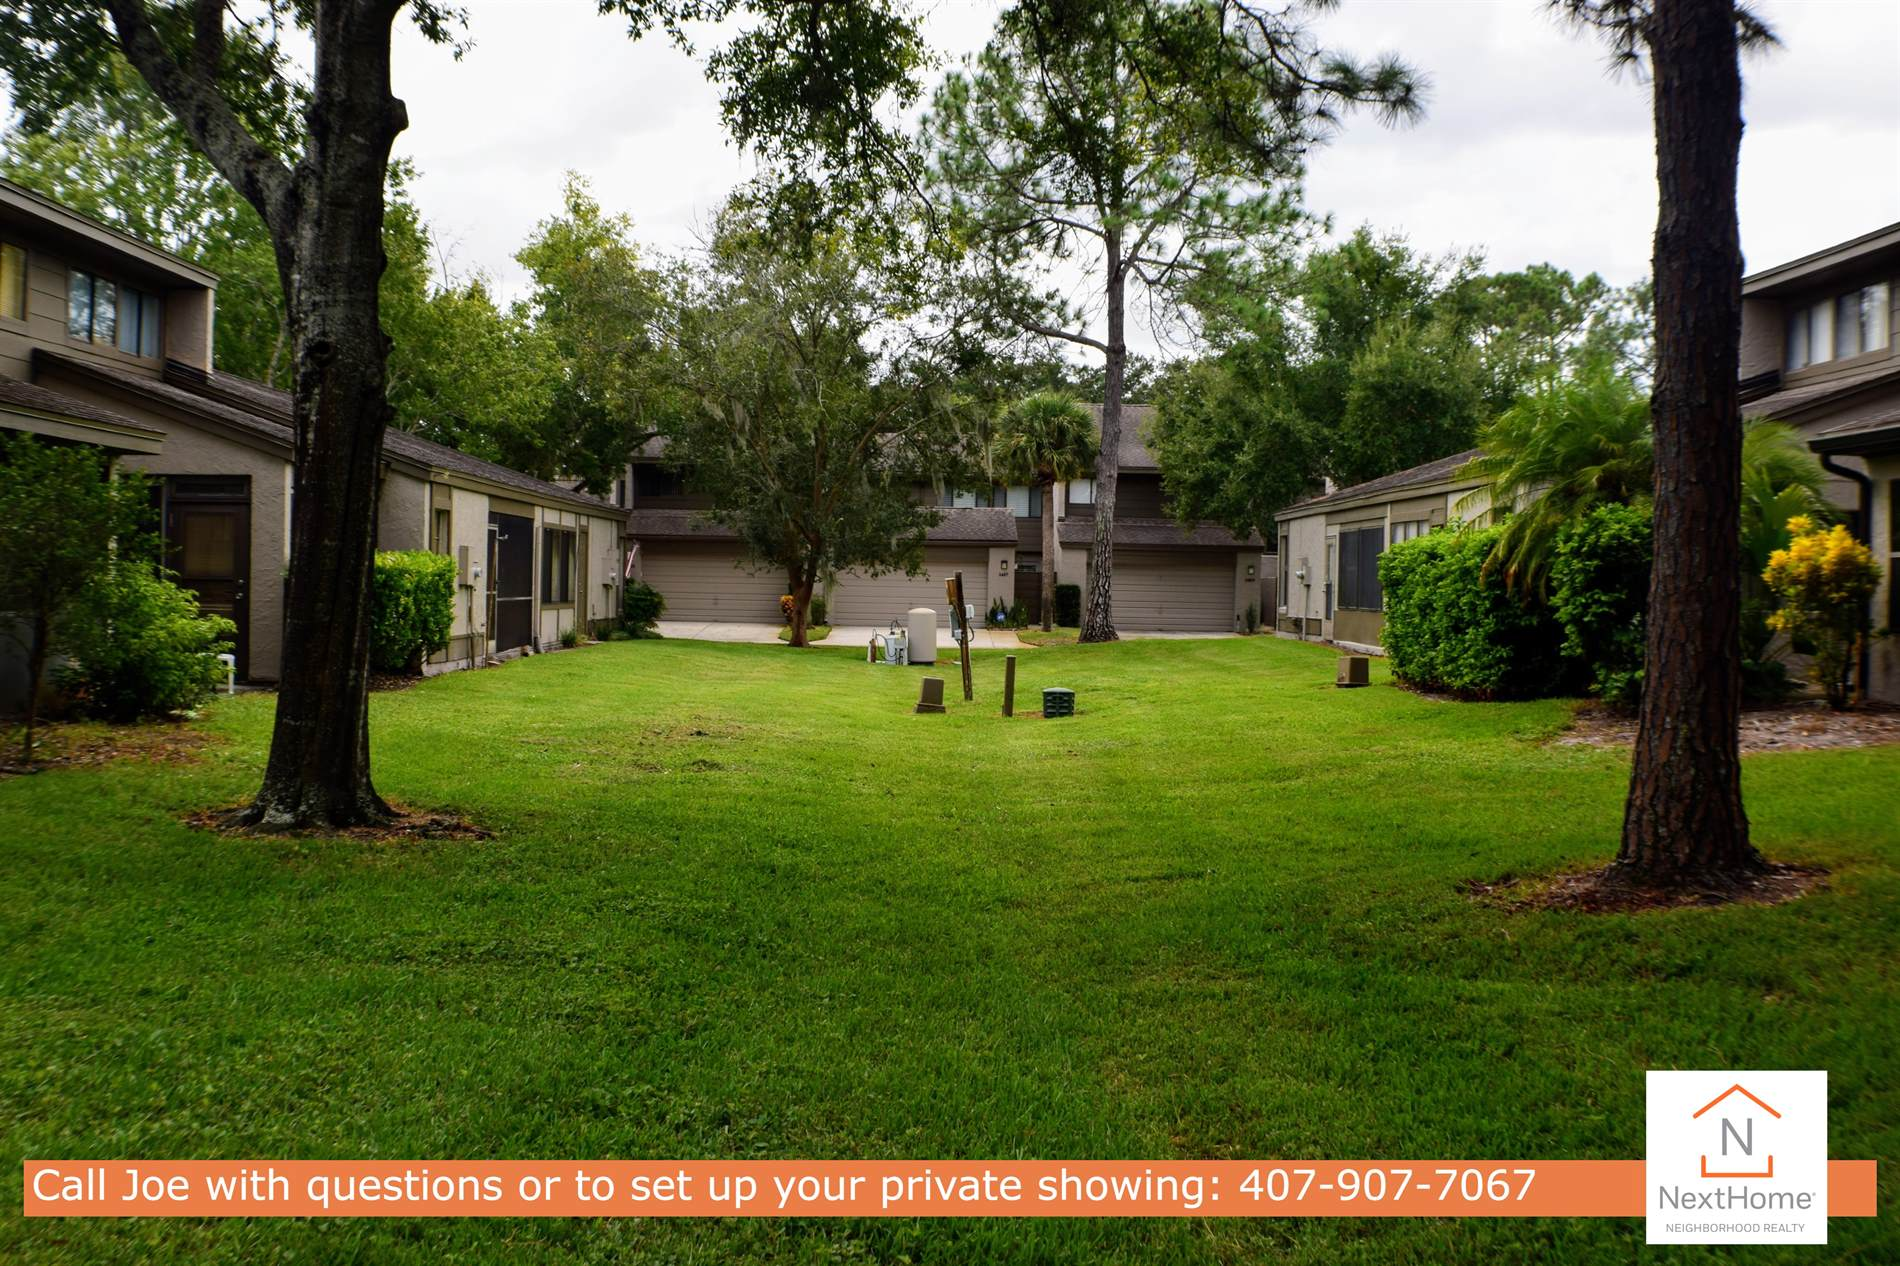 1531, #Pickwood Ave, Fern Park, FL 32730-2448